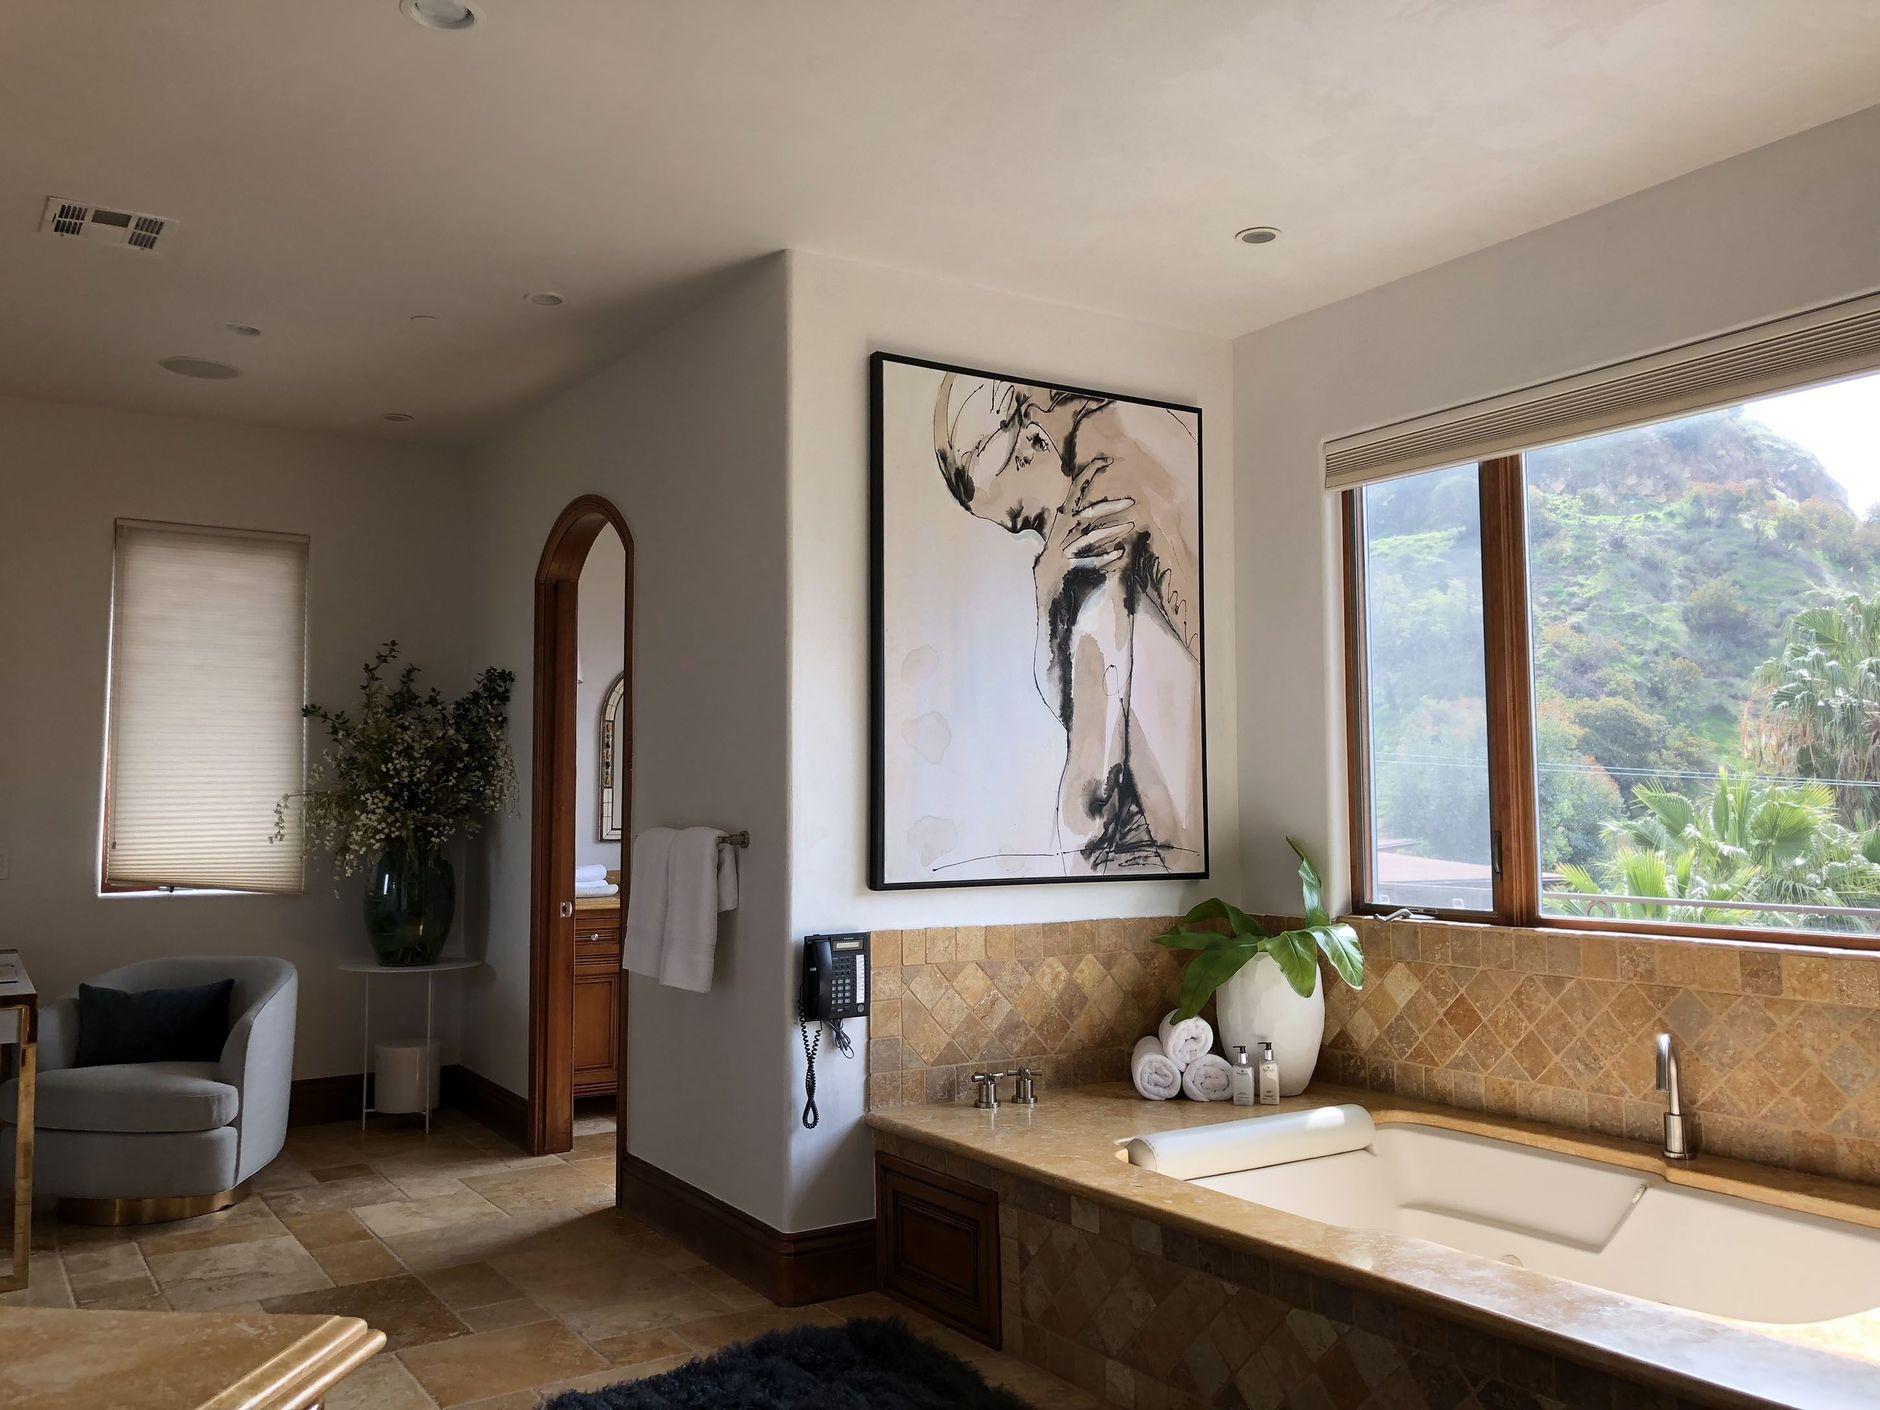 Ева Лонгория продает свой дом в Голливуде (галерея 4, фото 1)